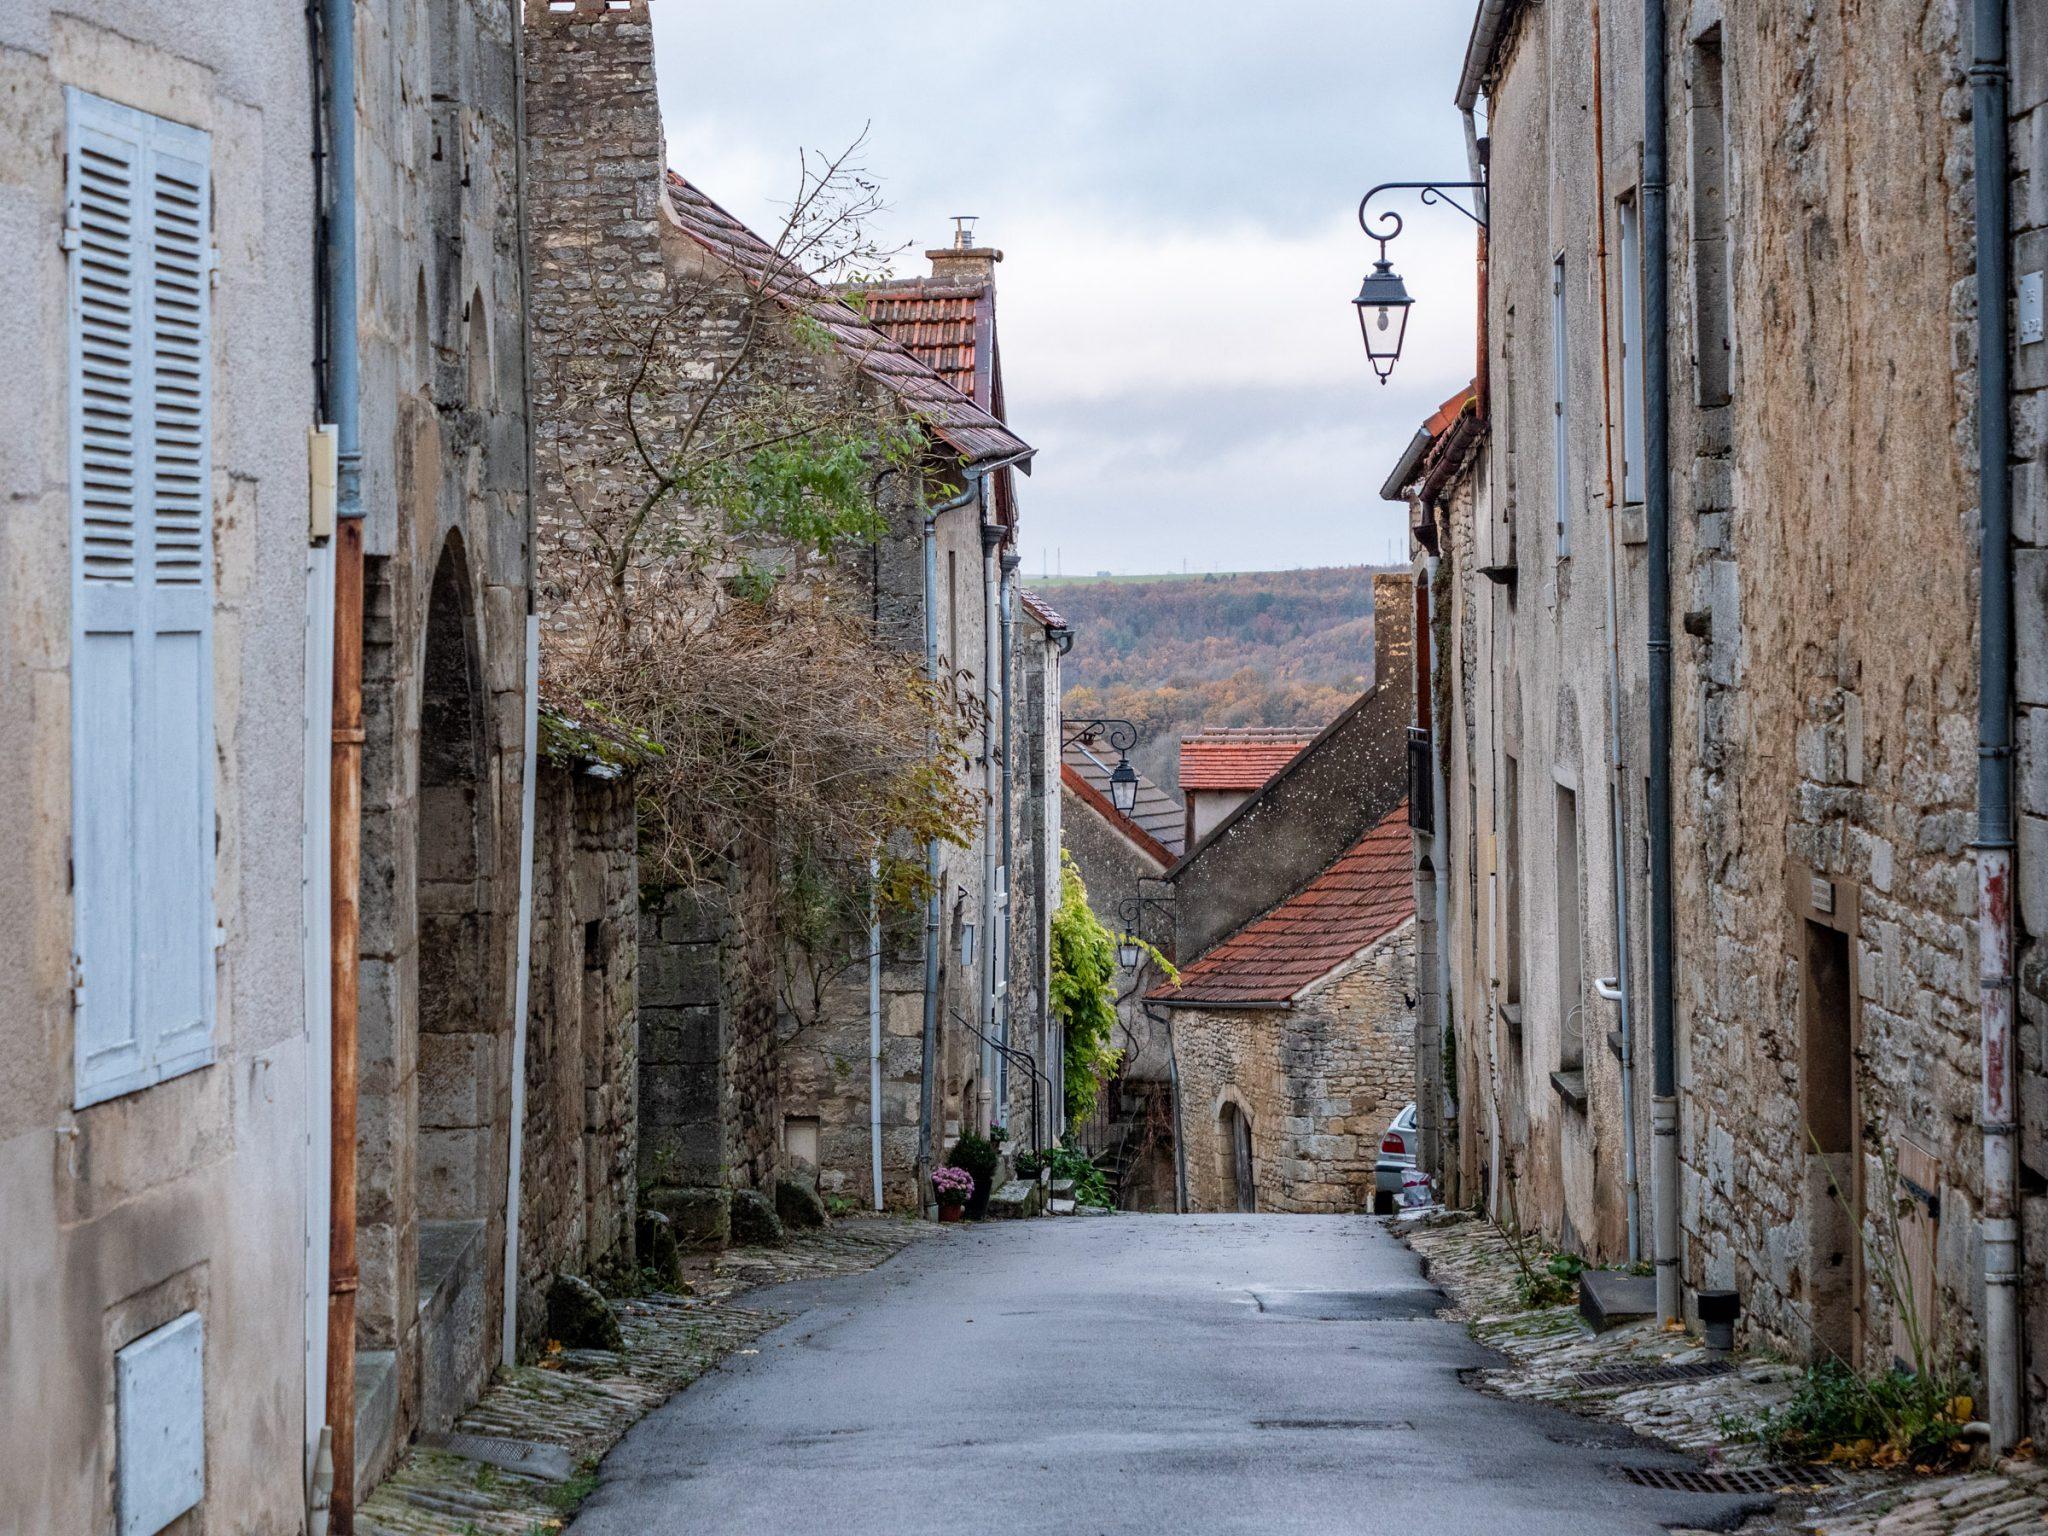 flavigny-bourgogne